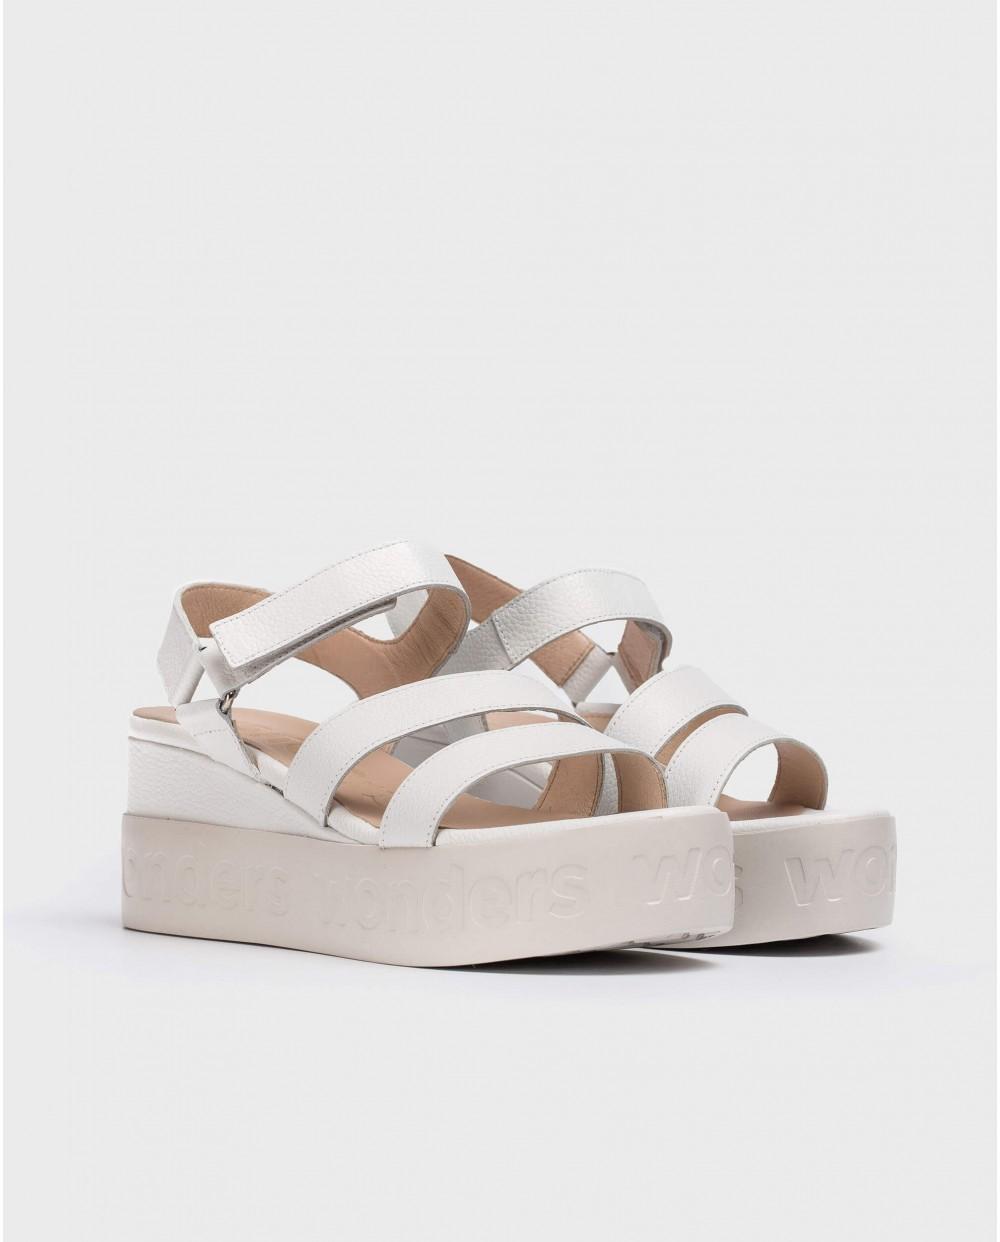 Wonders-Outlet-Platform sandal with logo